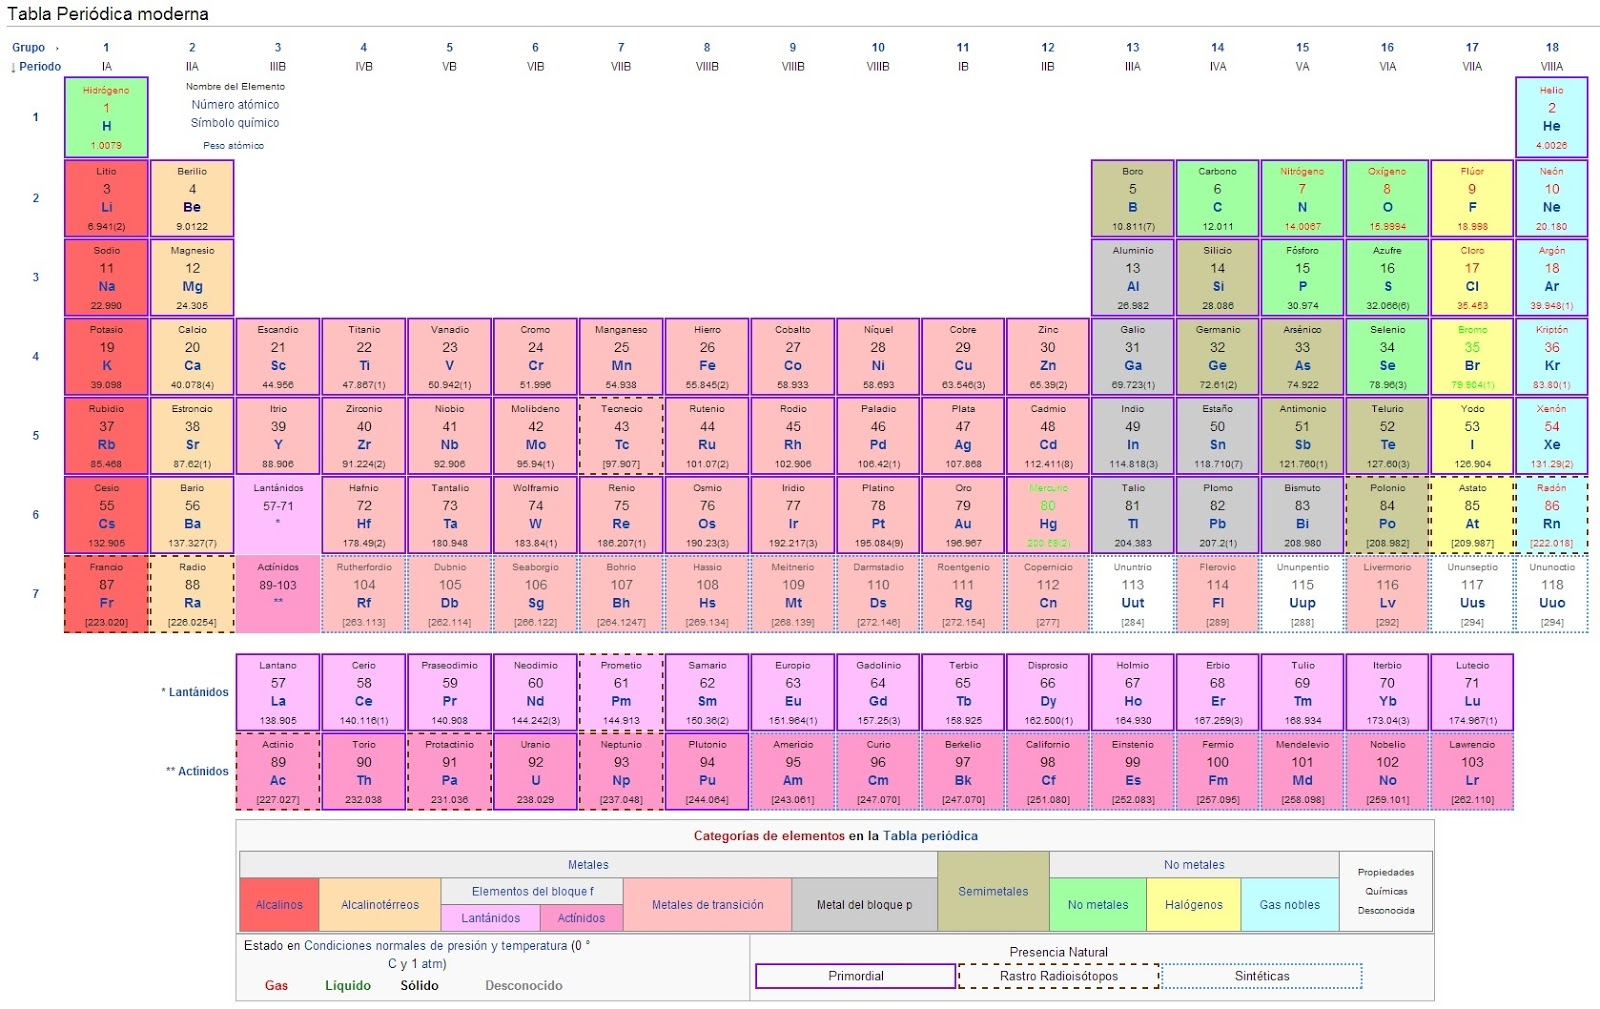 Descargar gratis tabla periodica de los elementos qumicos descargar gratis tabla periodica de los elementos qumicos actualizada 2013 urtaz Image collections